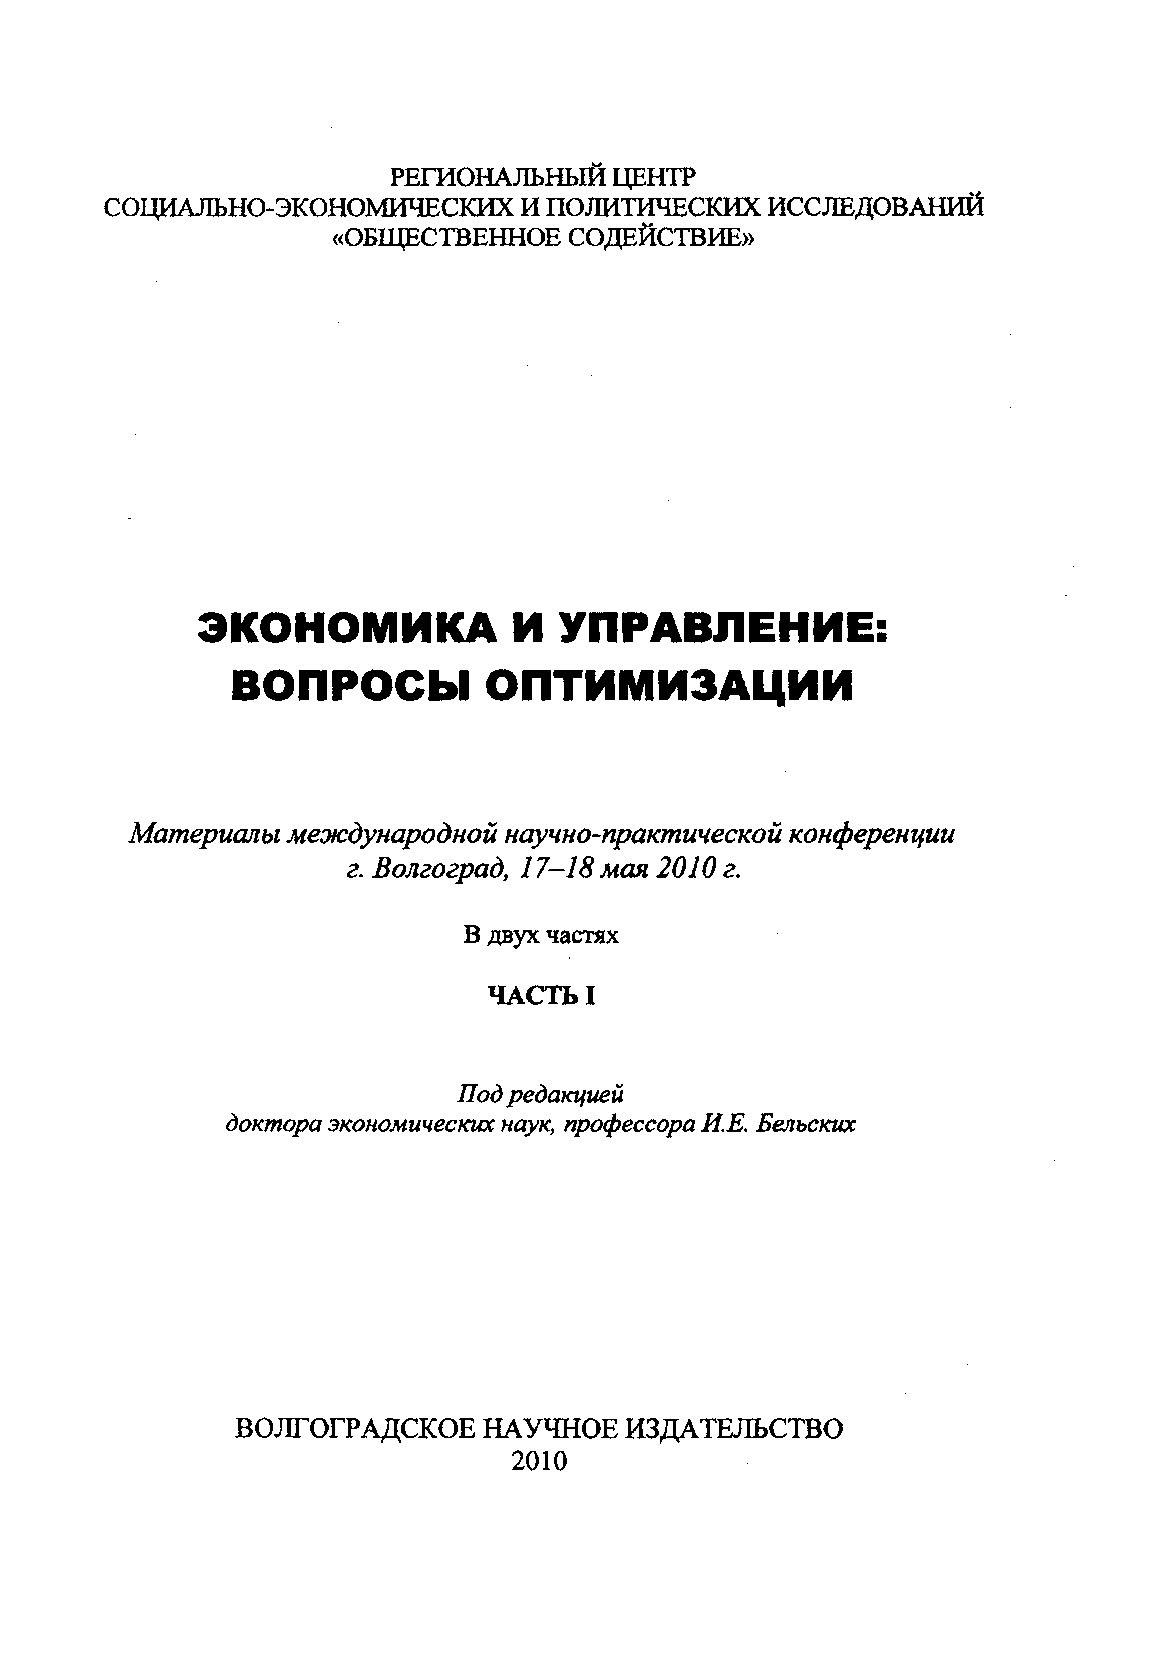 Экономика и управление: вопросы оптимизации: Материалы международной научно-практической конференции, г. Волгоград, 17-18 мая 2010 г.